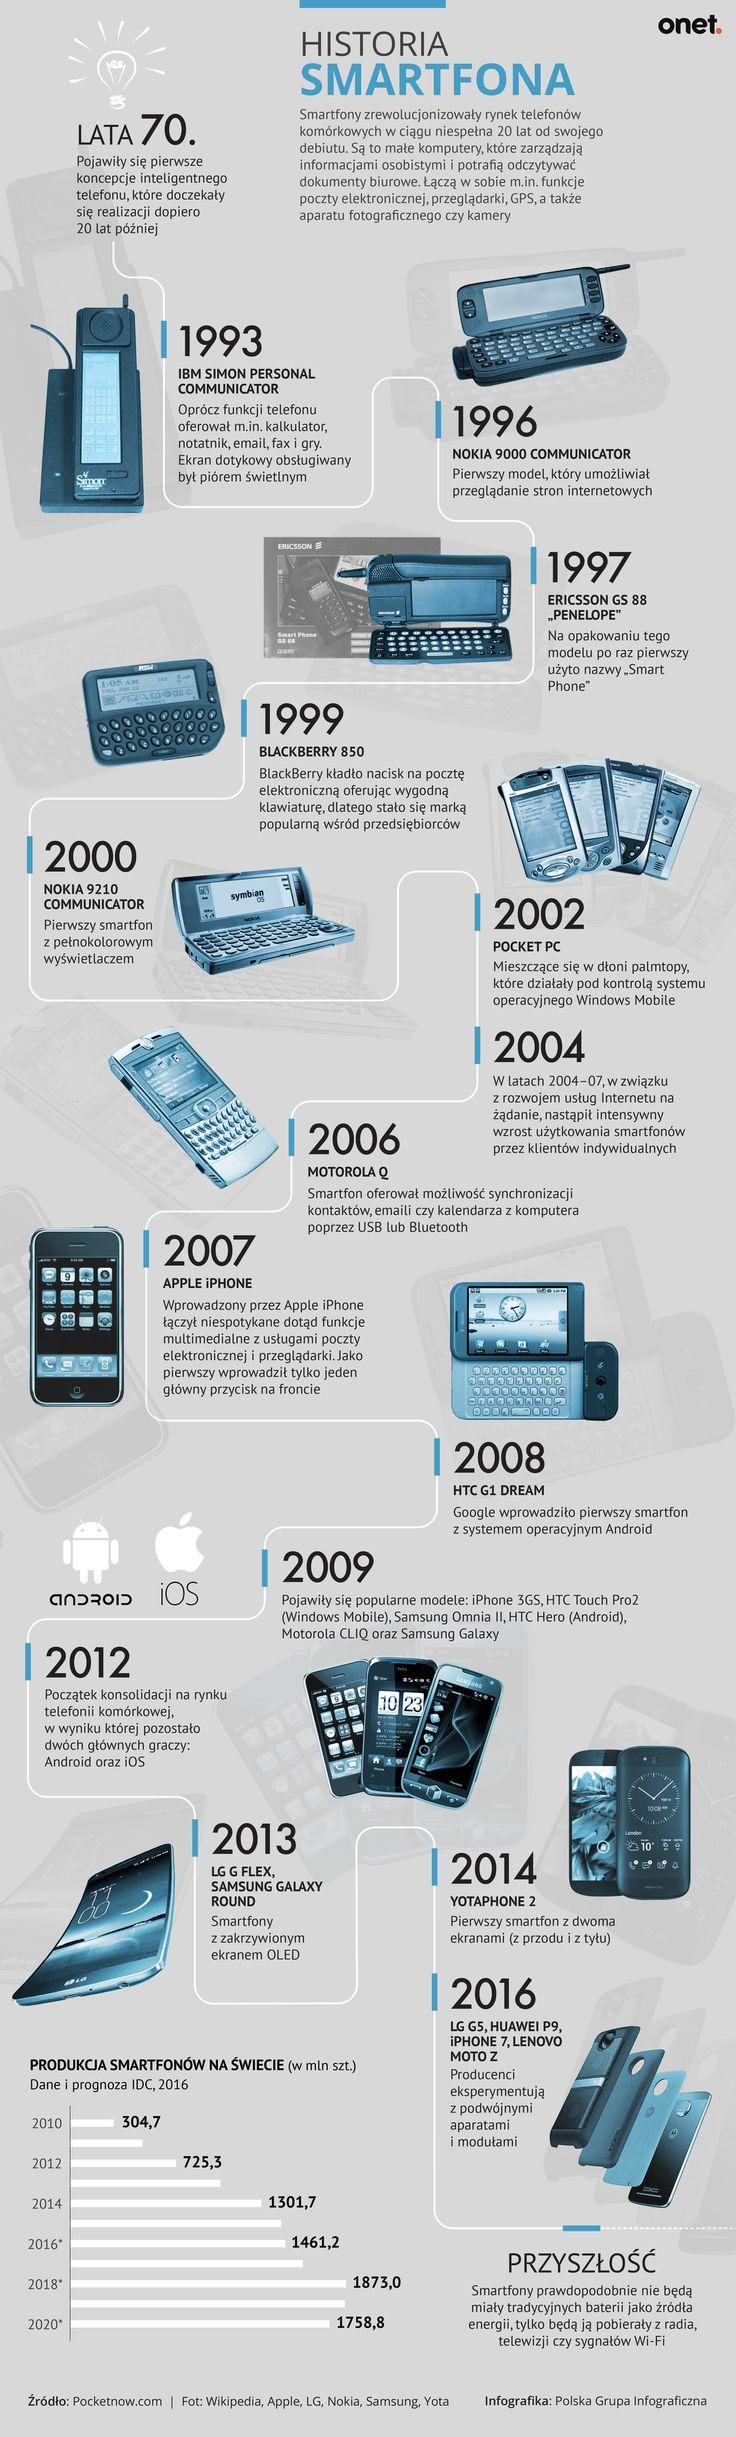 Historia smartfona